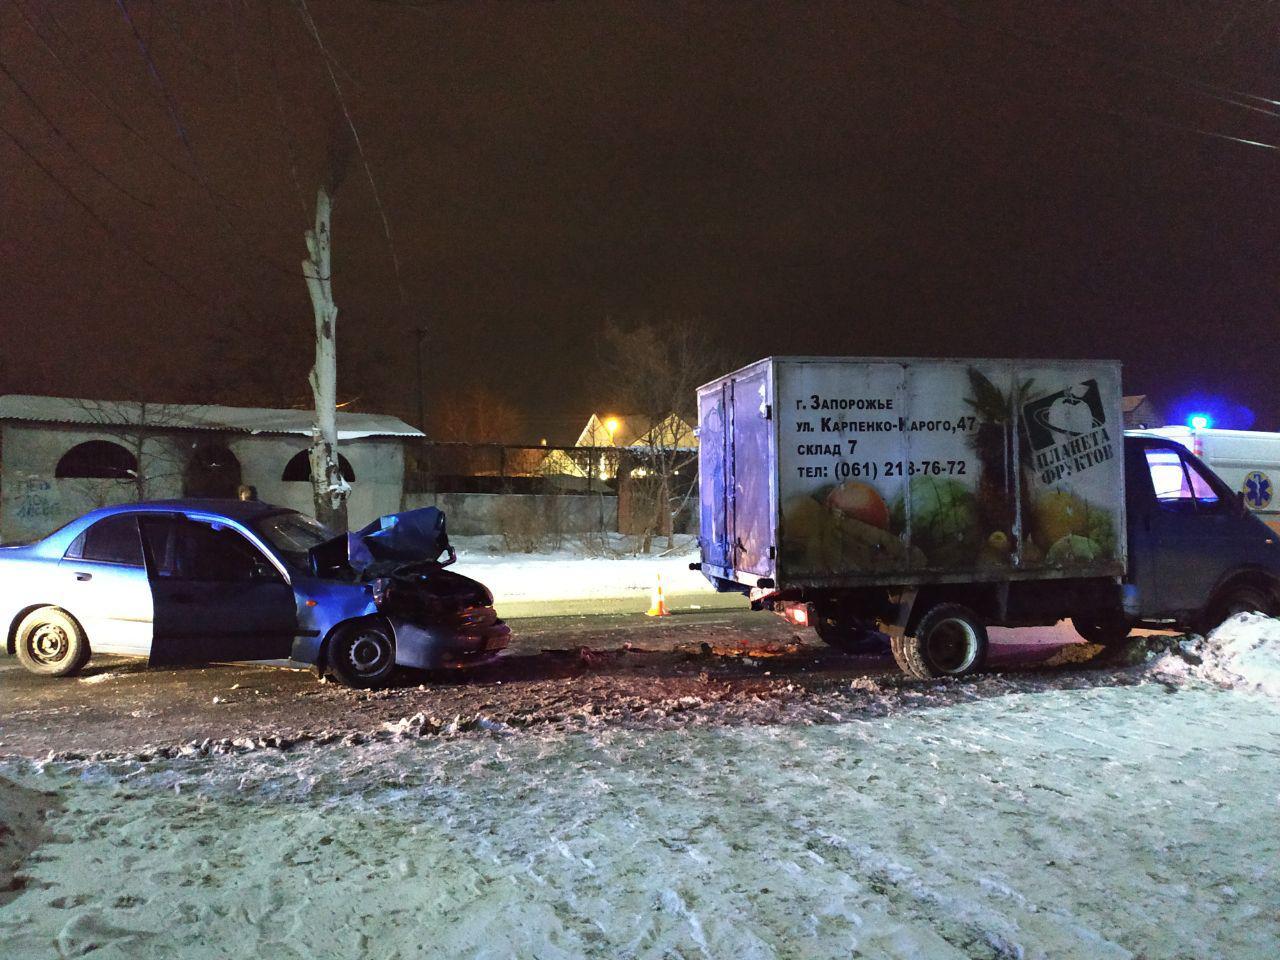 В Запорожье водитель легковушки протаранил фургон с фруктами - ФОТО